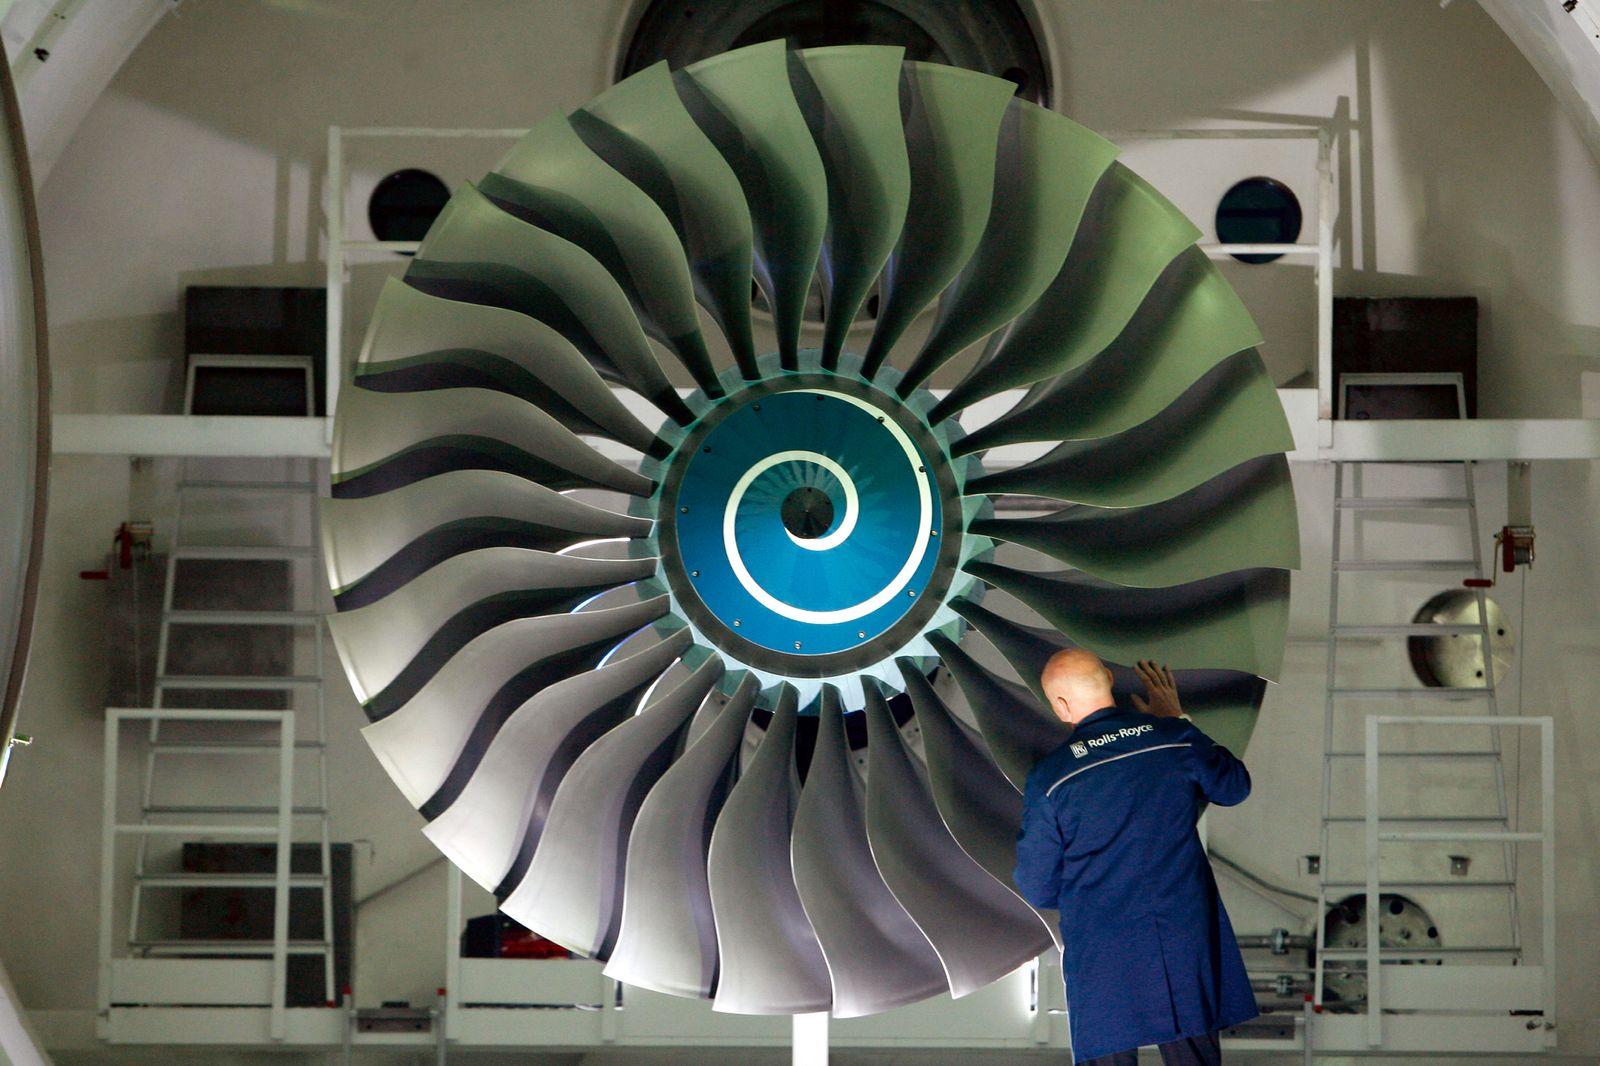 NICHT VERWENDEN Ingenieur Fachkräftemangel Ingenieure Turbine